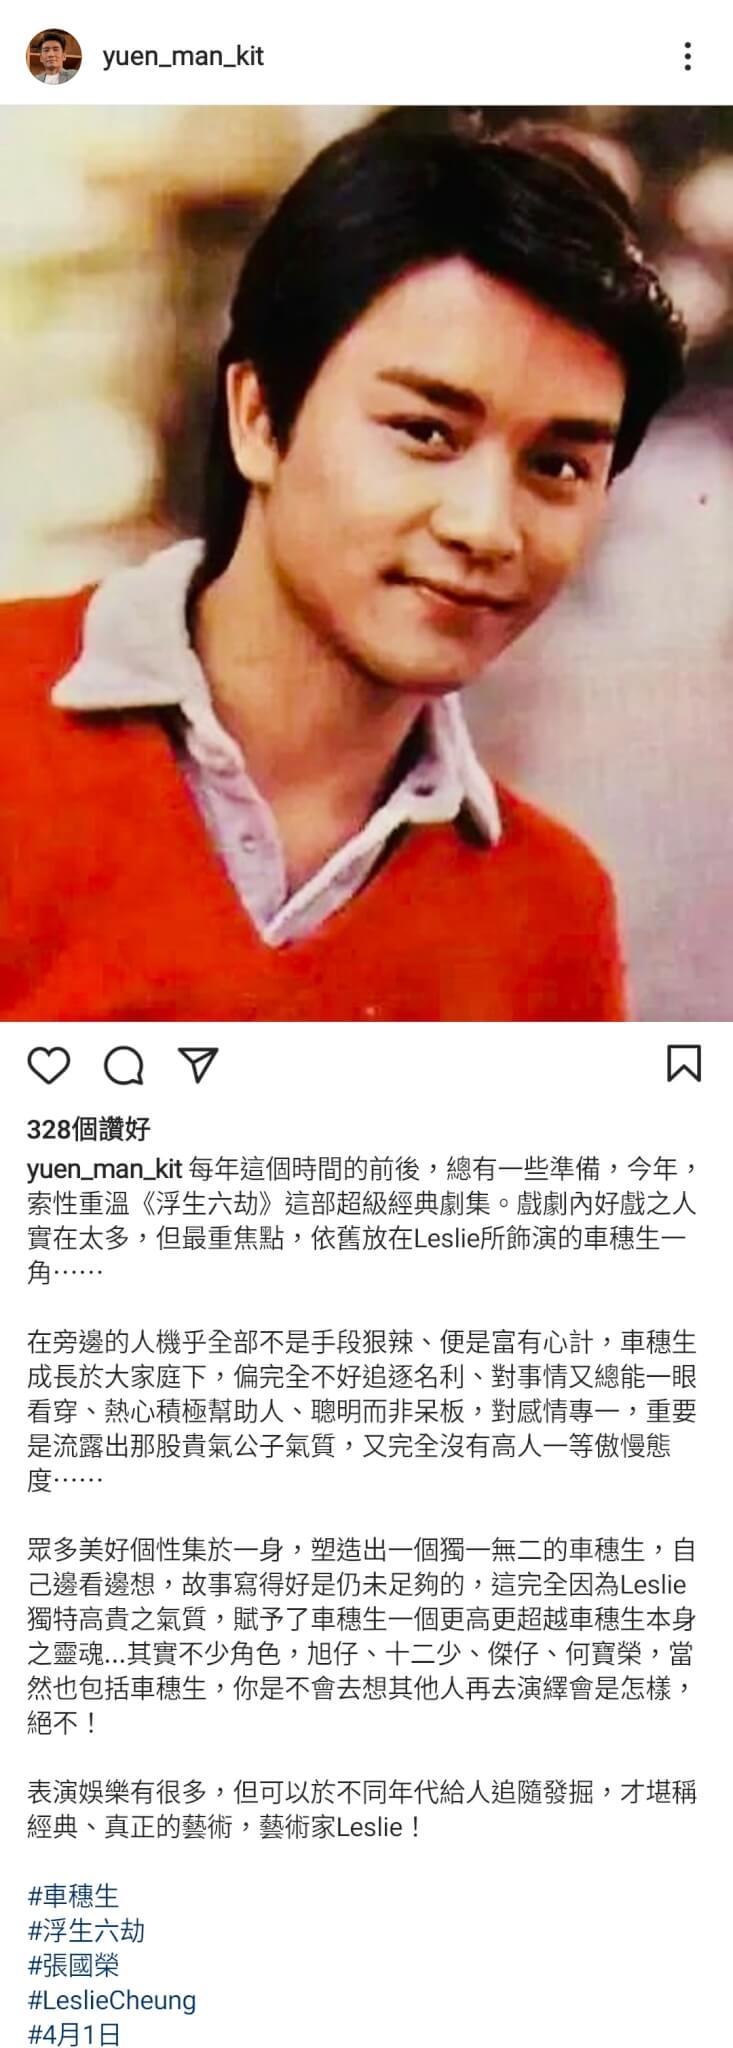 袁文傑IG